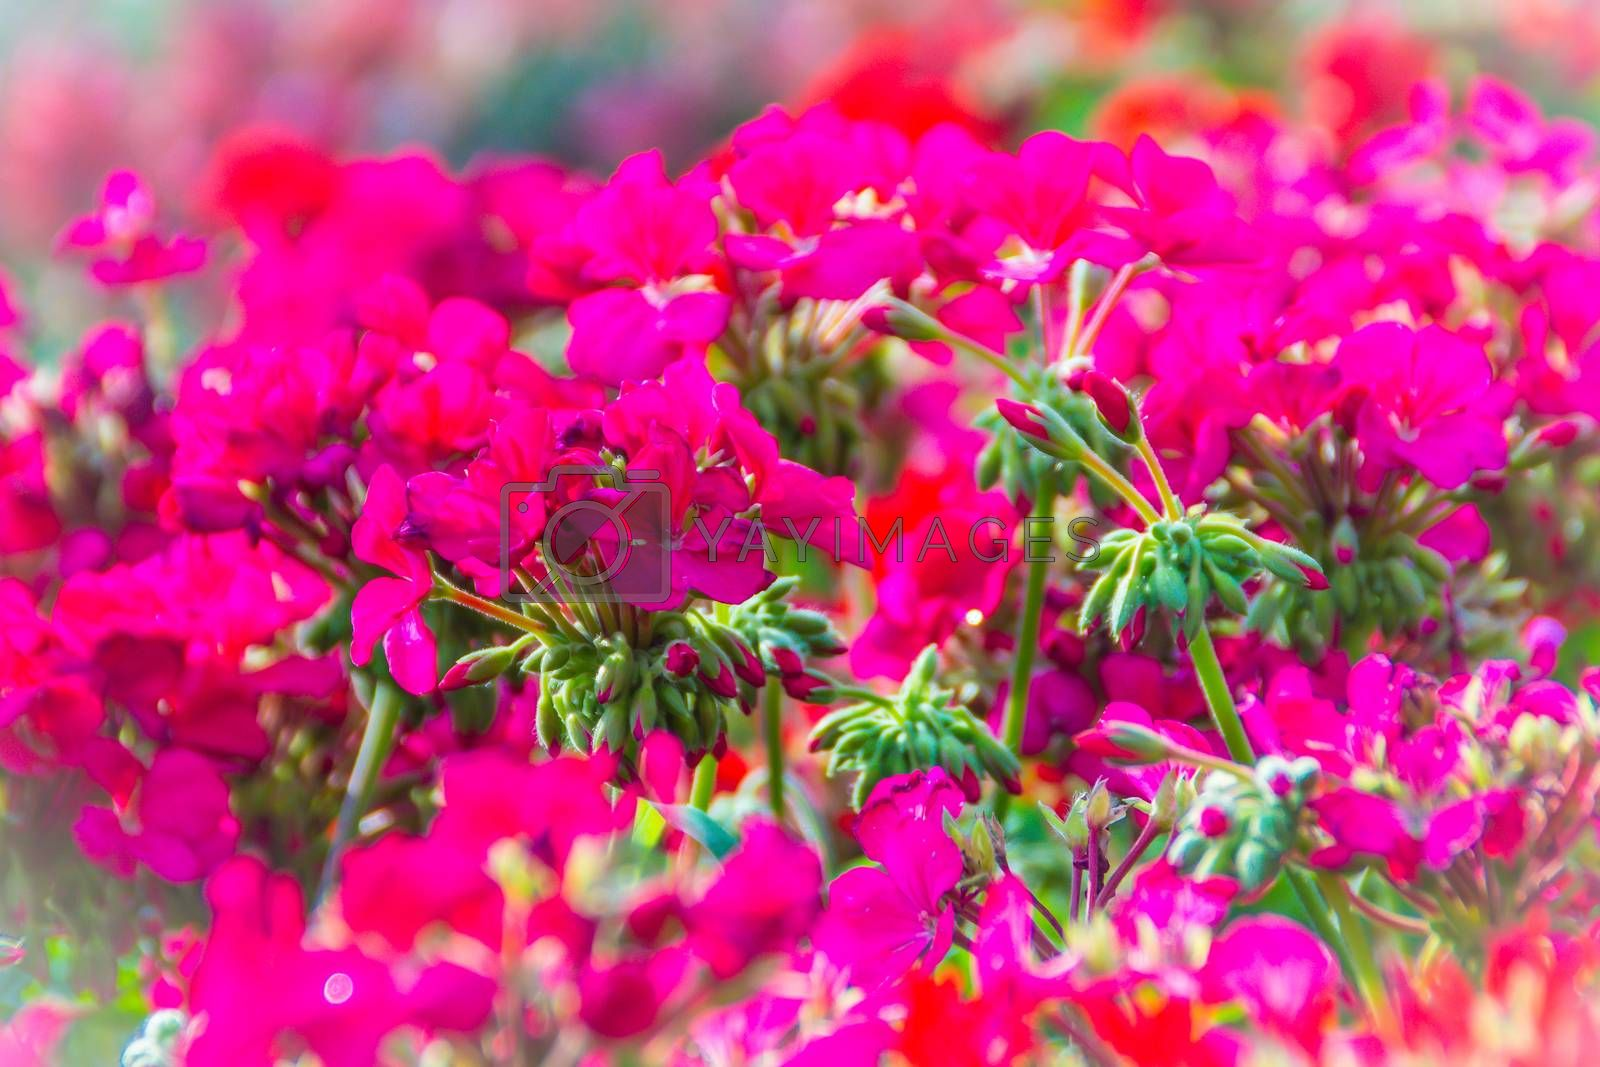 Beautiful red pink flowers of Pelargonium peltatum on the flowerbed for background. Pelargonium peltatum is a species of pelargonium known by the common names ivy-leaf geranium and cascading geranium.